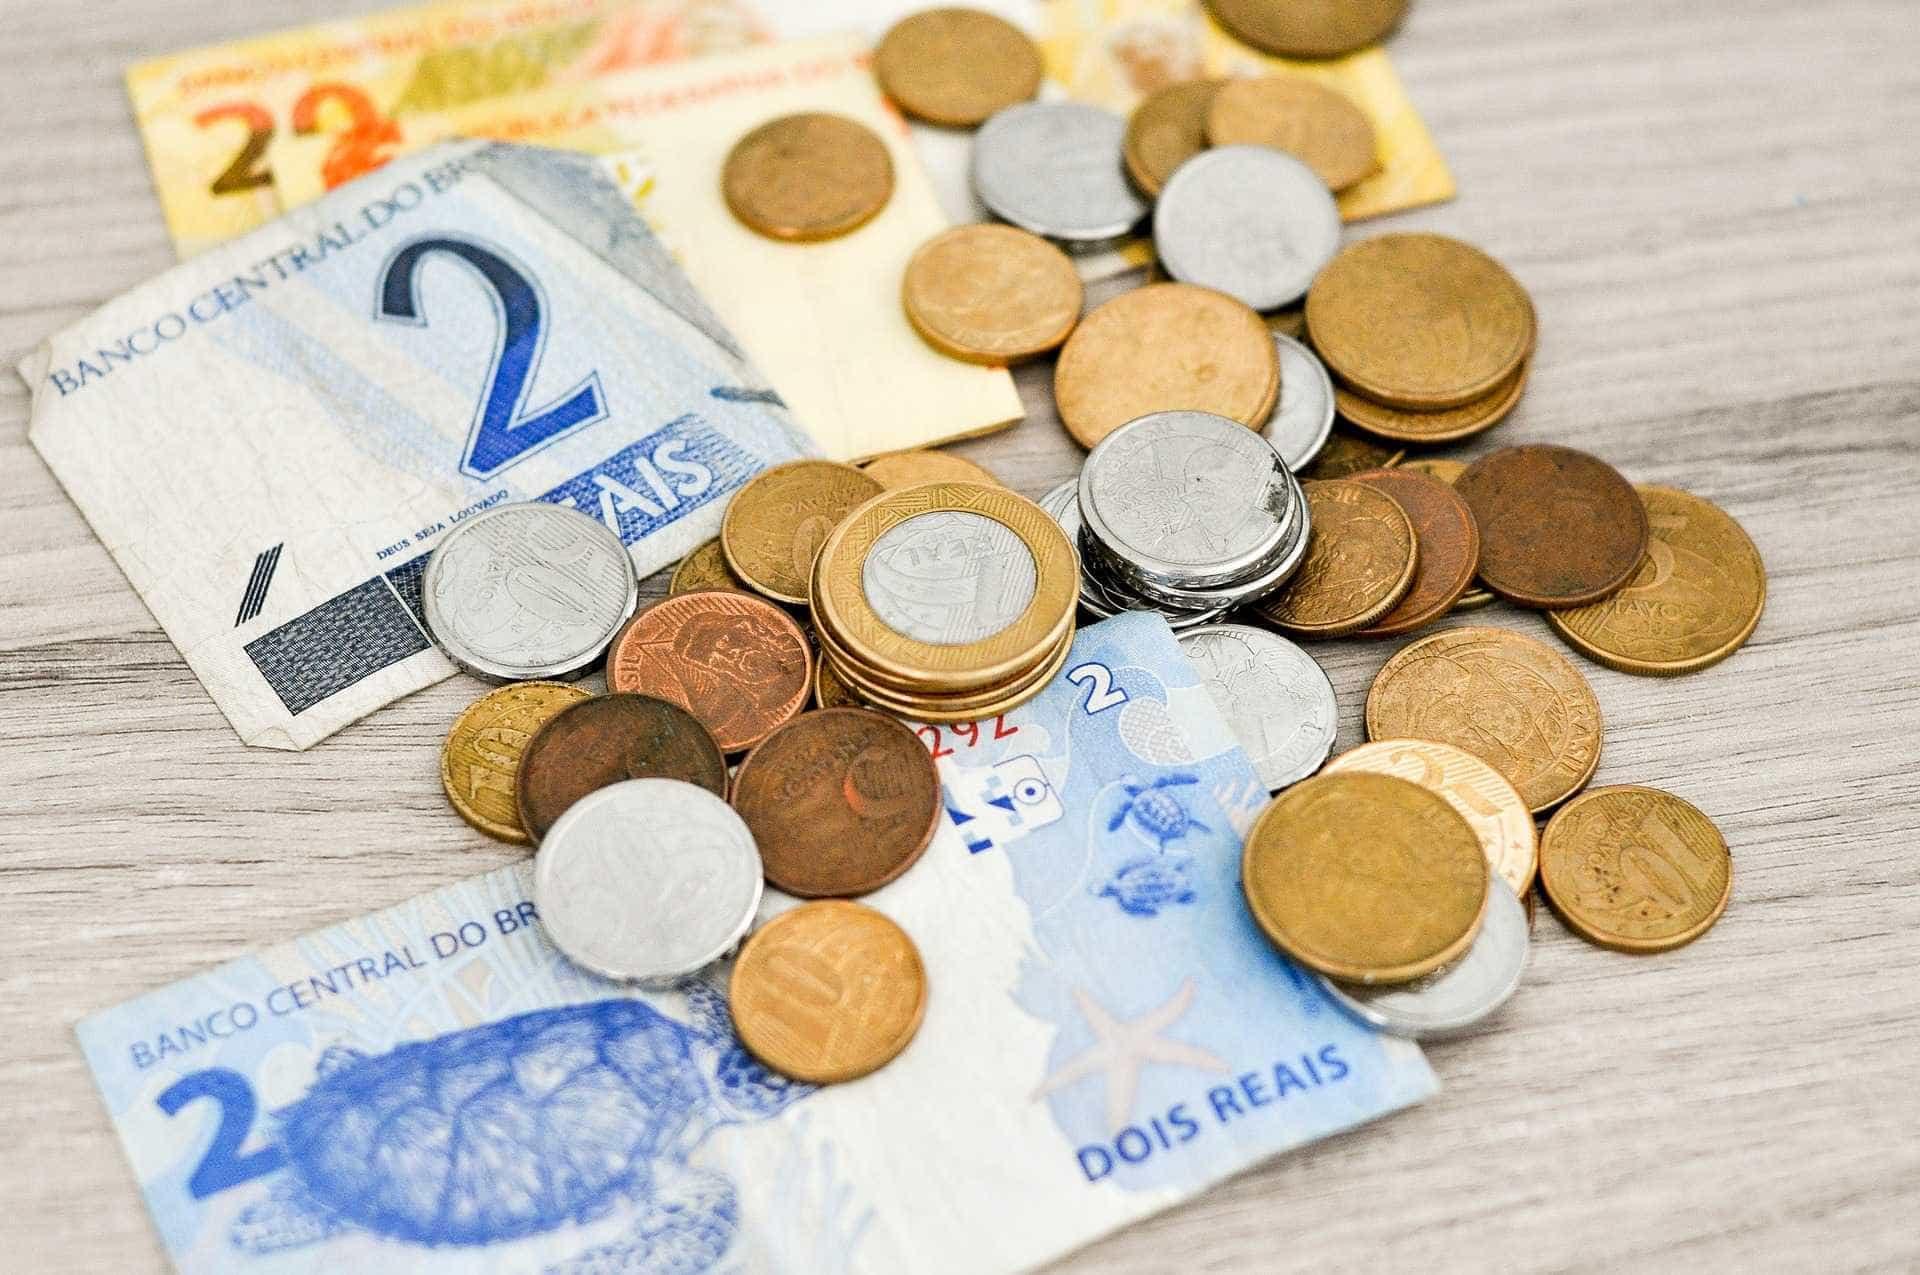 Diferença salarial por anos de estudo aumenta com a crise